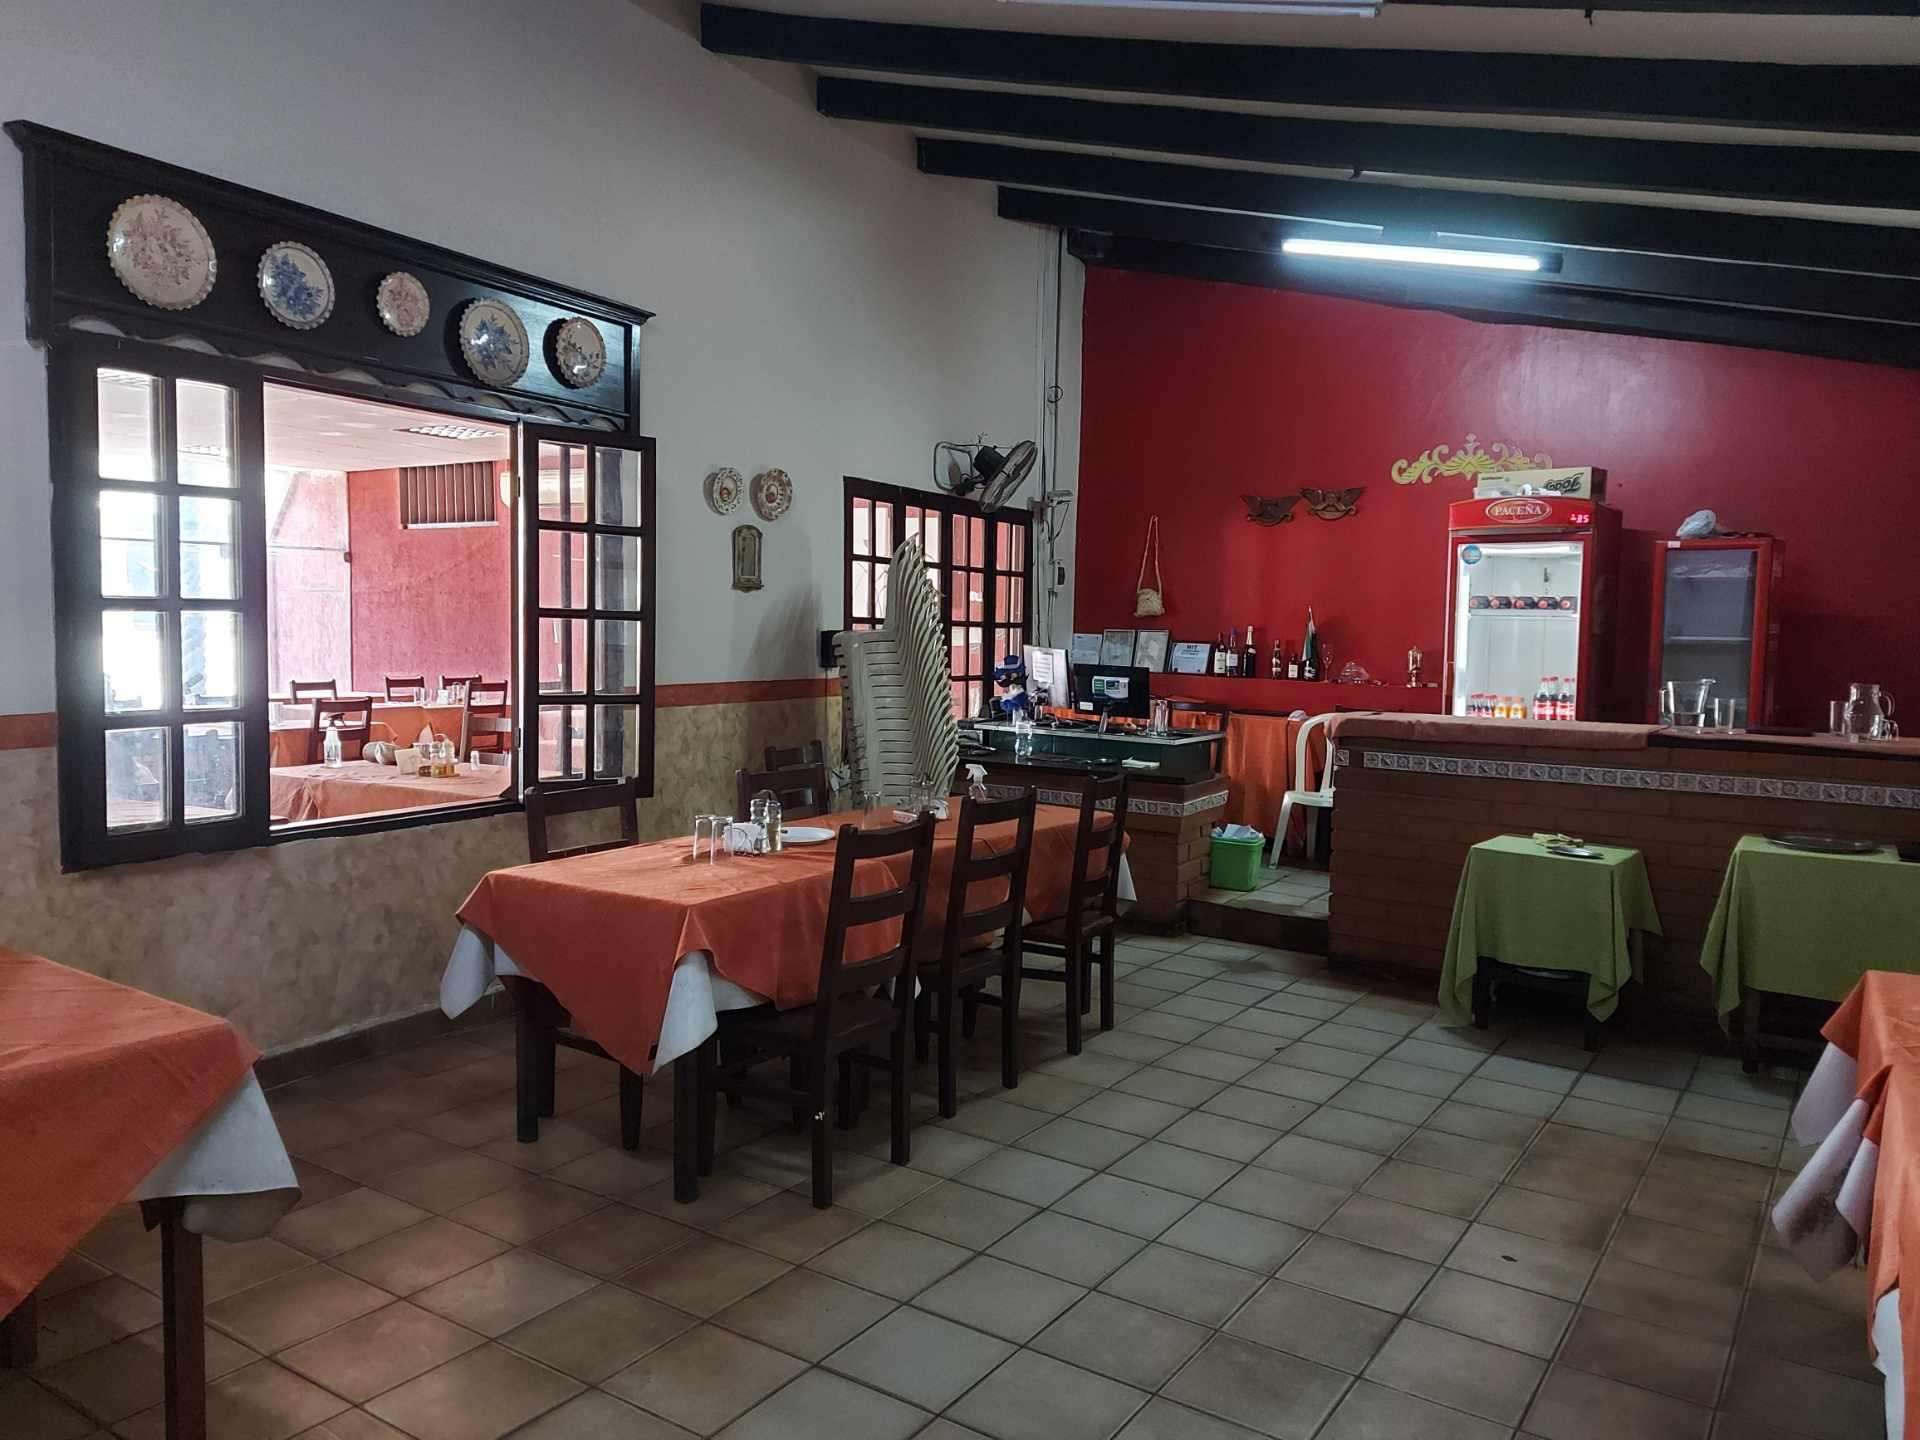 Local comercial en Venta Inmueble comercial Sobre el 2do anillo Entre Av. Alemana y Beni Foto 5